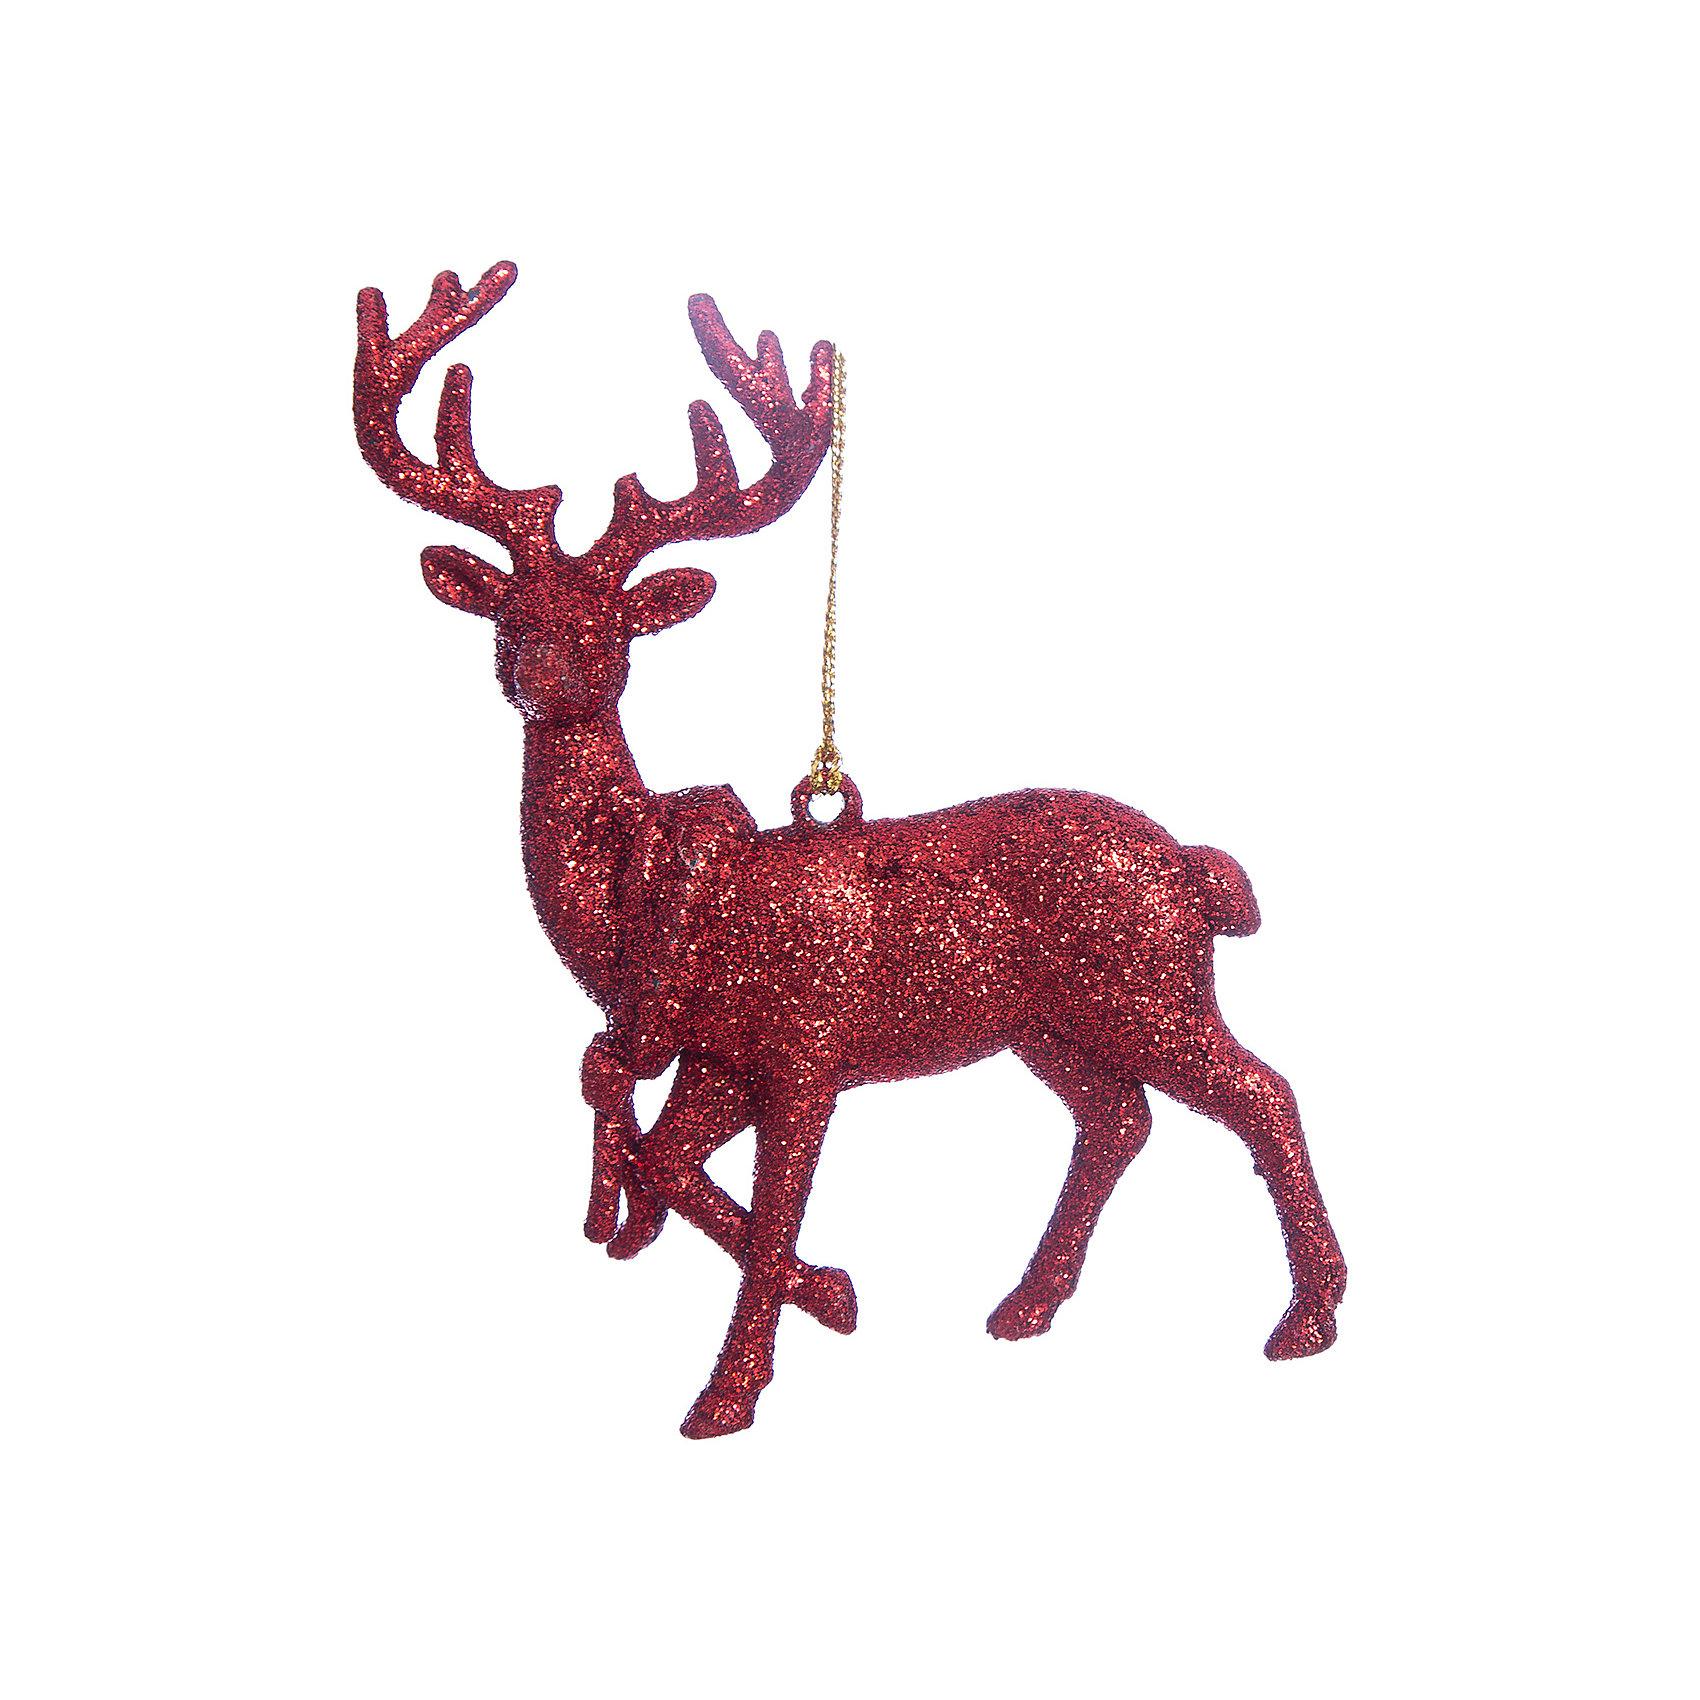 Украшение Красный оленьНовинки Новый Год<br>Украшение Красный олень, Феникс-Презент, замечательно дополнит наряд Вашей новогодней елки и поможет создать праздничную волшебную атмосферу. Украшение выполнено в виде фигурки оленя с красивыми ветвистыми рогами и декорировано блестками, оно будет чудесно смотреться на елке и радовать детей и взрослых. <br><br>Дополнительная информация:<br><br>- Материал: пластик.<br>- Размер украшения: 11,5 х 11,5 см.<br>- Вес: 46 гр.<br><br>Украшение Красный олень, Феникс-Презент, можно купить в нашем интернет-магазине.<br><br>Ширина мм: 1<br>Глубина мм: 120<br>Высота мм: 120<br>Вес г: 46<br>Возраст от месяцев: 36<br>Возраст до месяцев: 2147483647<br>Пол: Унисекс<br>Возраст: Детский<br>SKU: 4276563